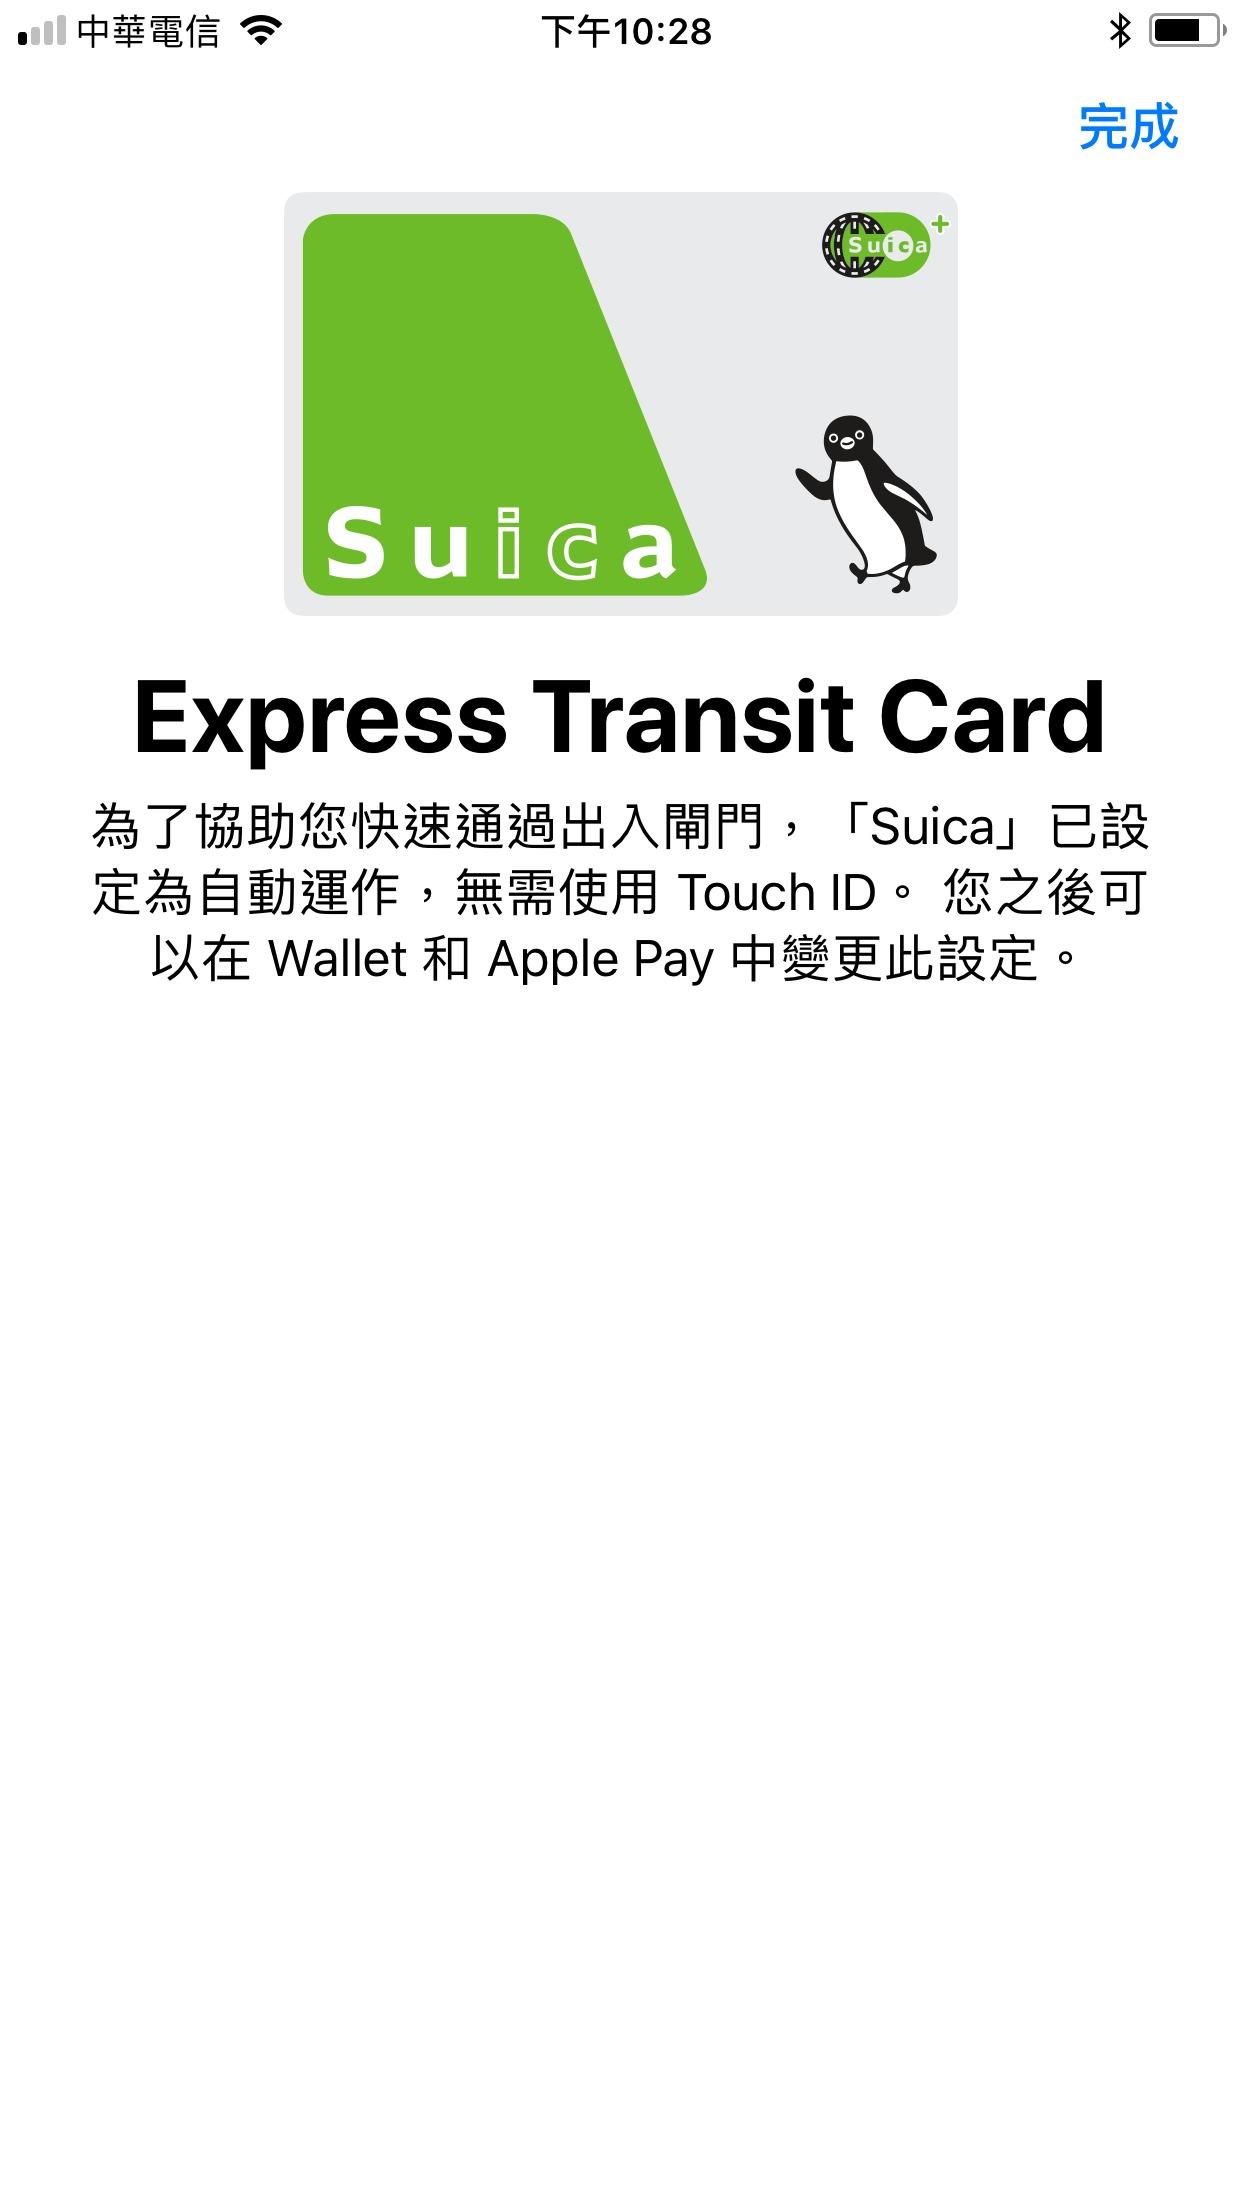 日本旅遊超方便!台版 iPhone 8 / Plus 可以當 Suica 西瓜卡!免卡有卡都行!教學看了馬上就會!(包含日文翻譯)@3C 達人廖阿輝